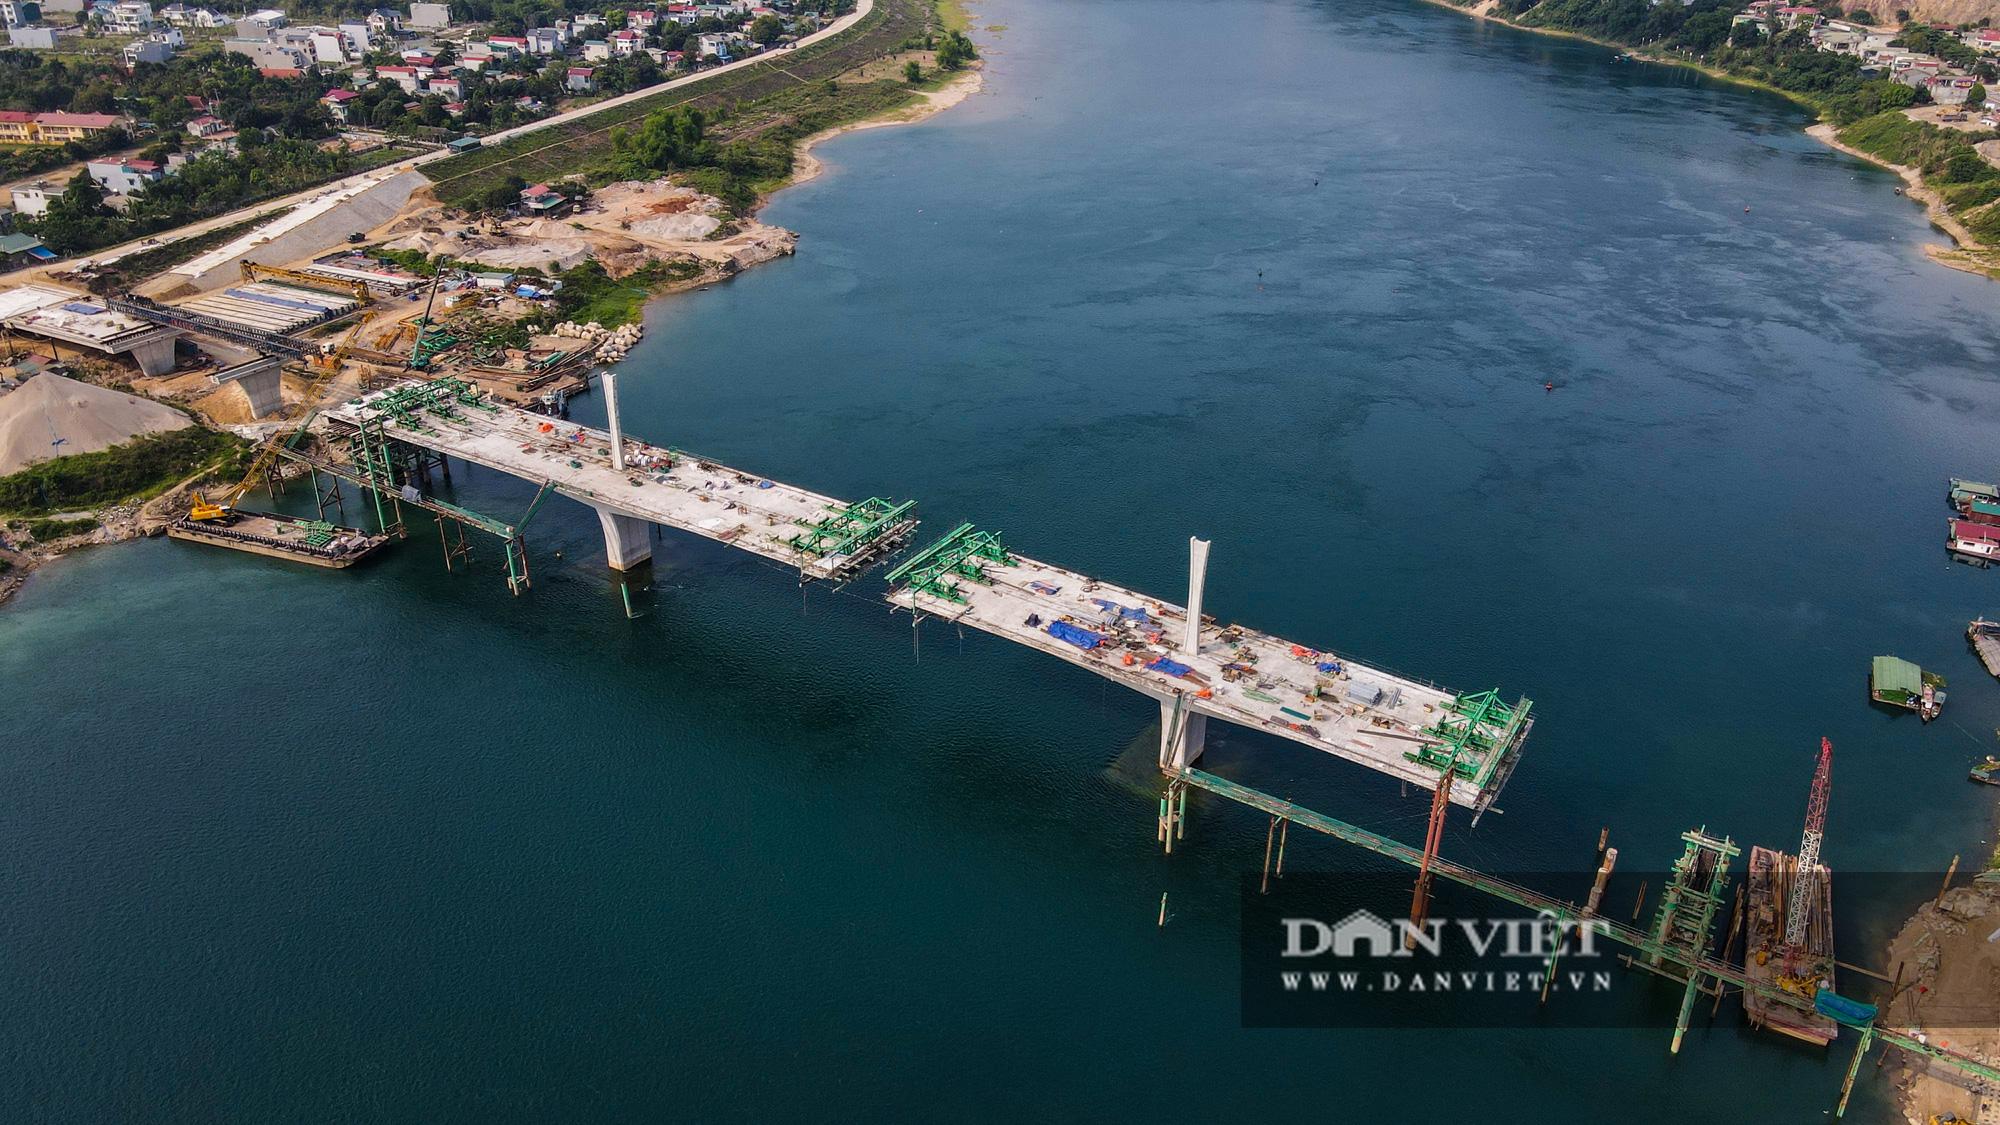 Toàn cảnh cây cầu Hoà Bình 2 trị giá gần 600 tỷ bắc qua sông Đà - Ảnh 11.